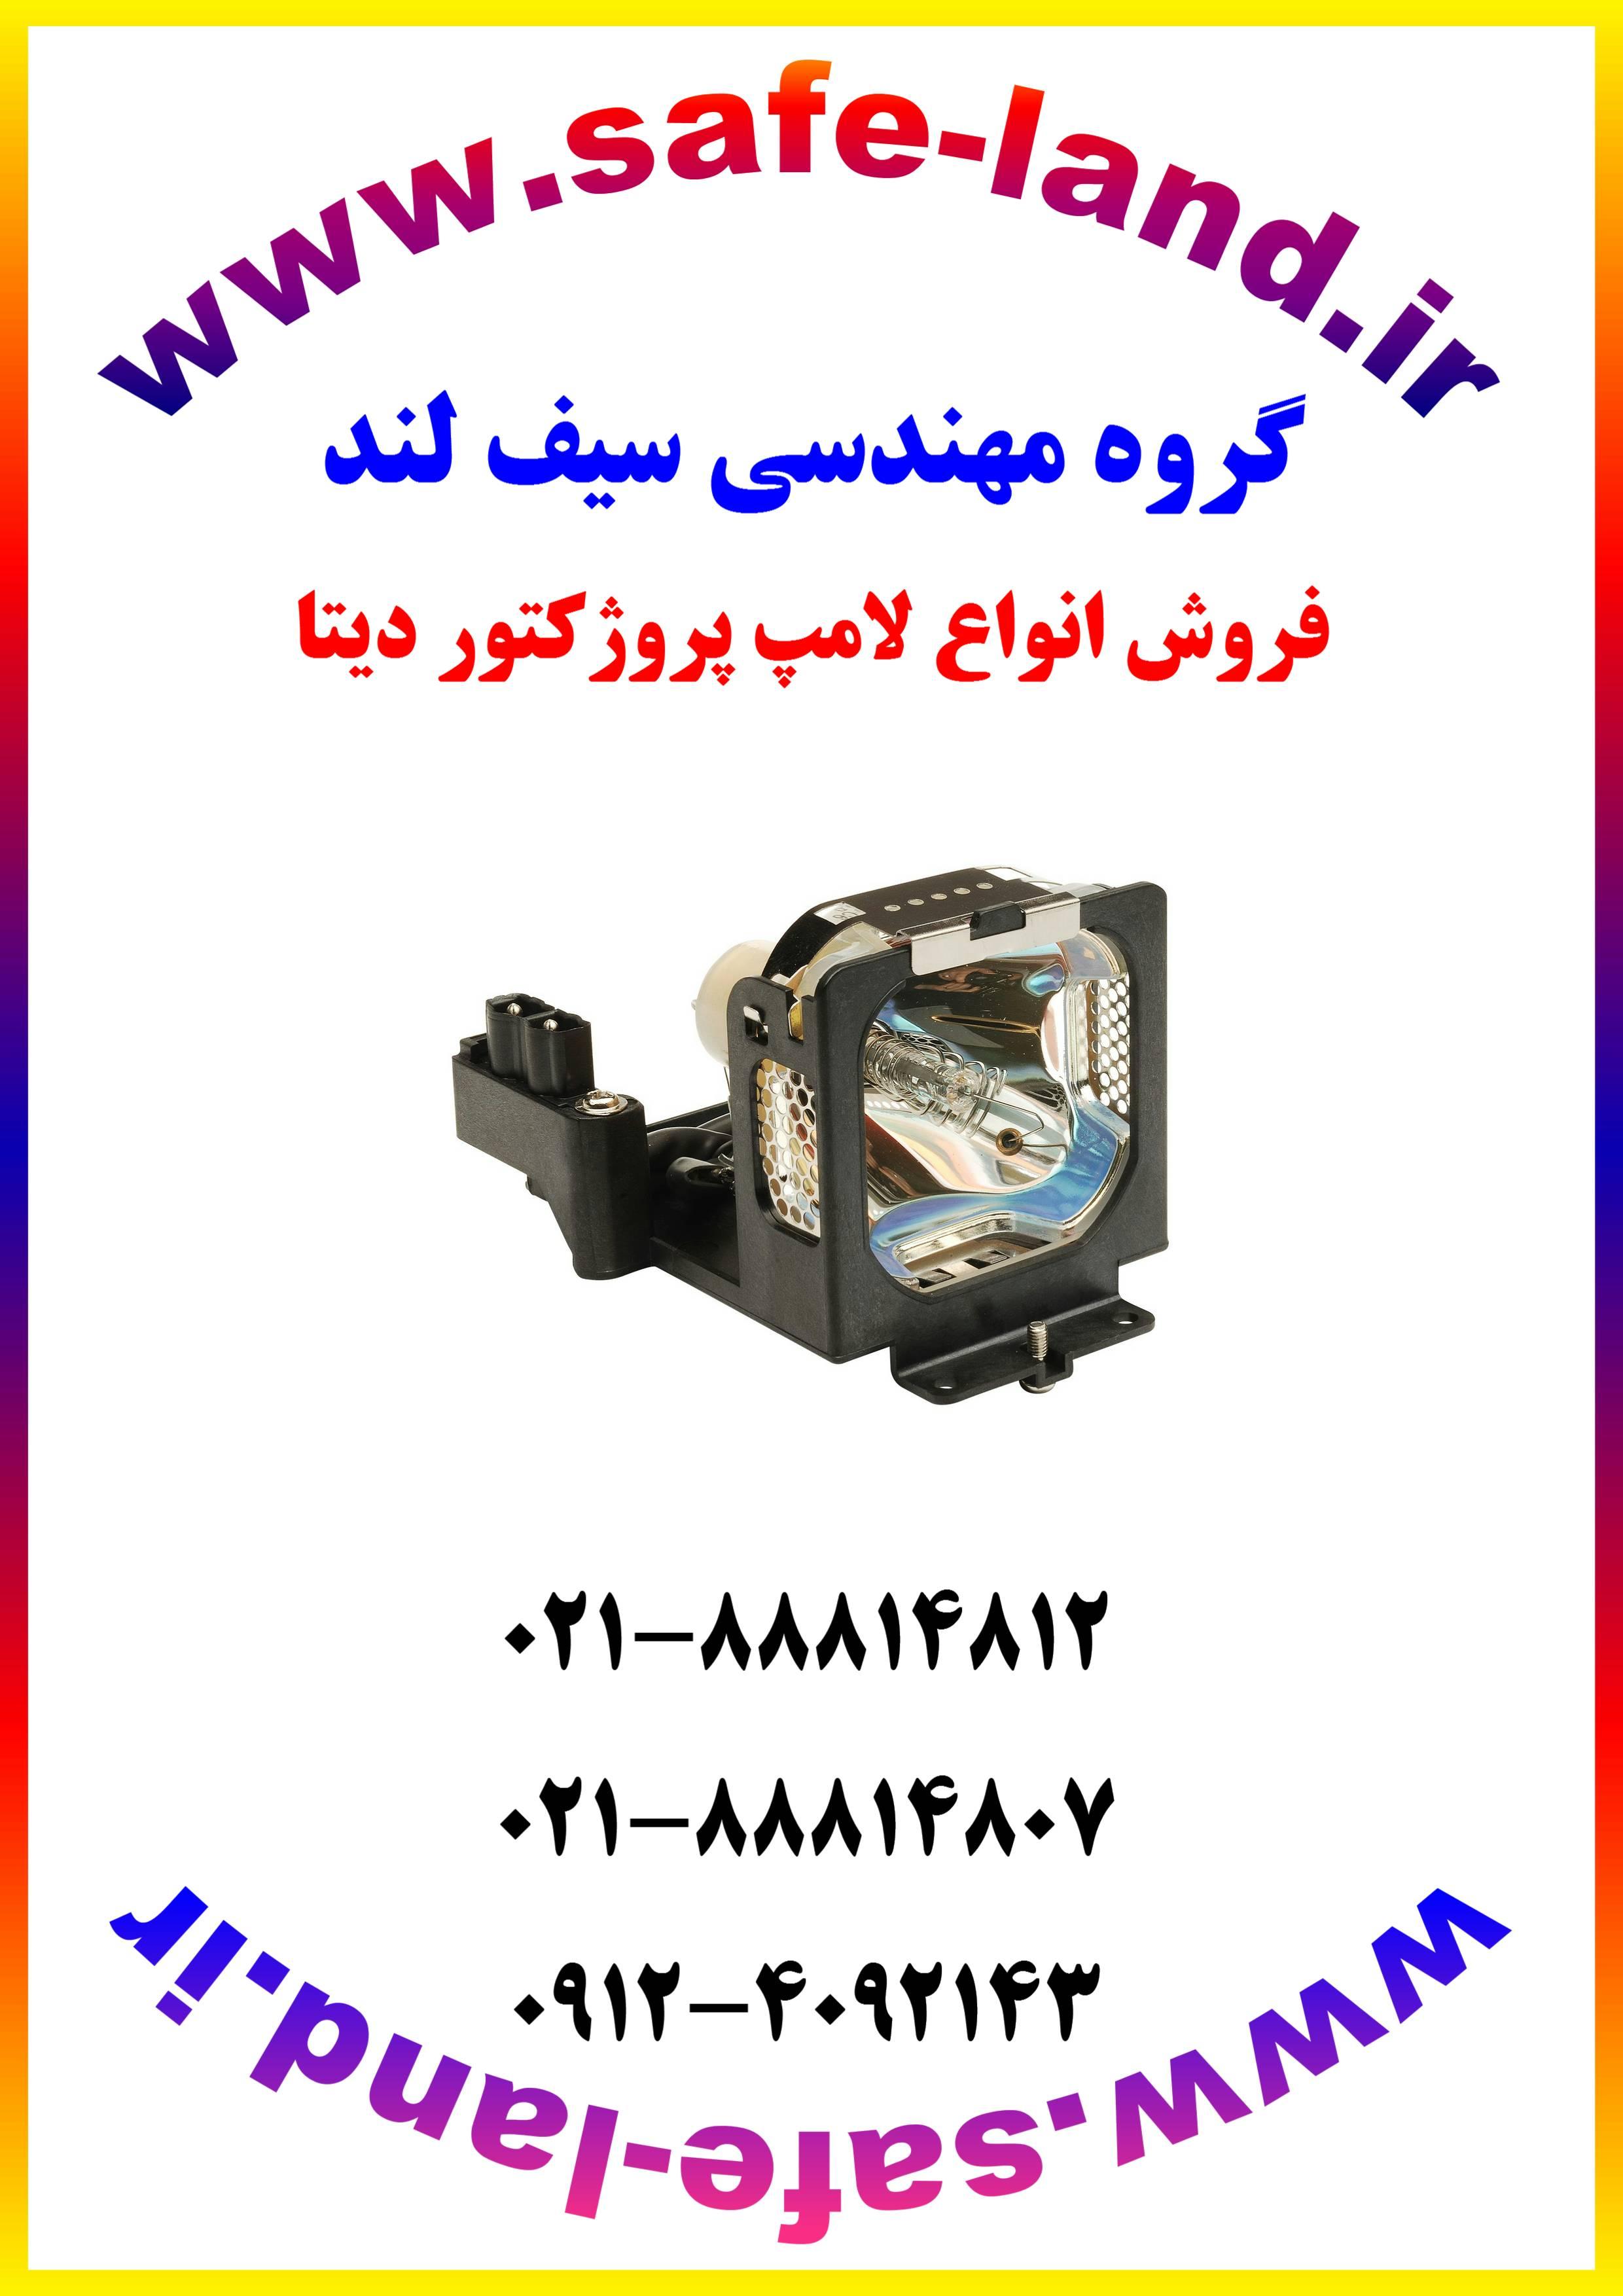 فروش انواع لامپ پروژکتور مهندسی سیف لند ایران سرزمین امن تعمیرات ماشین های اداری